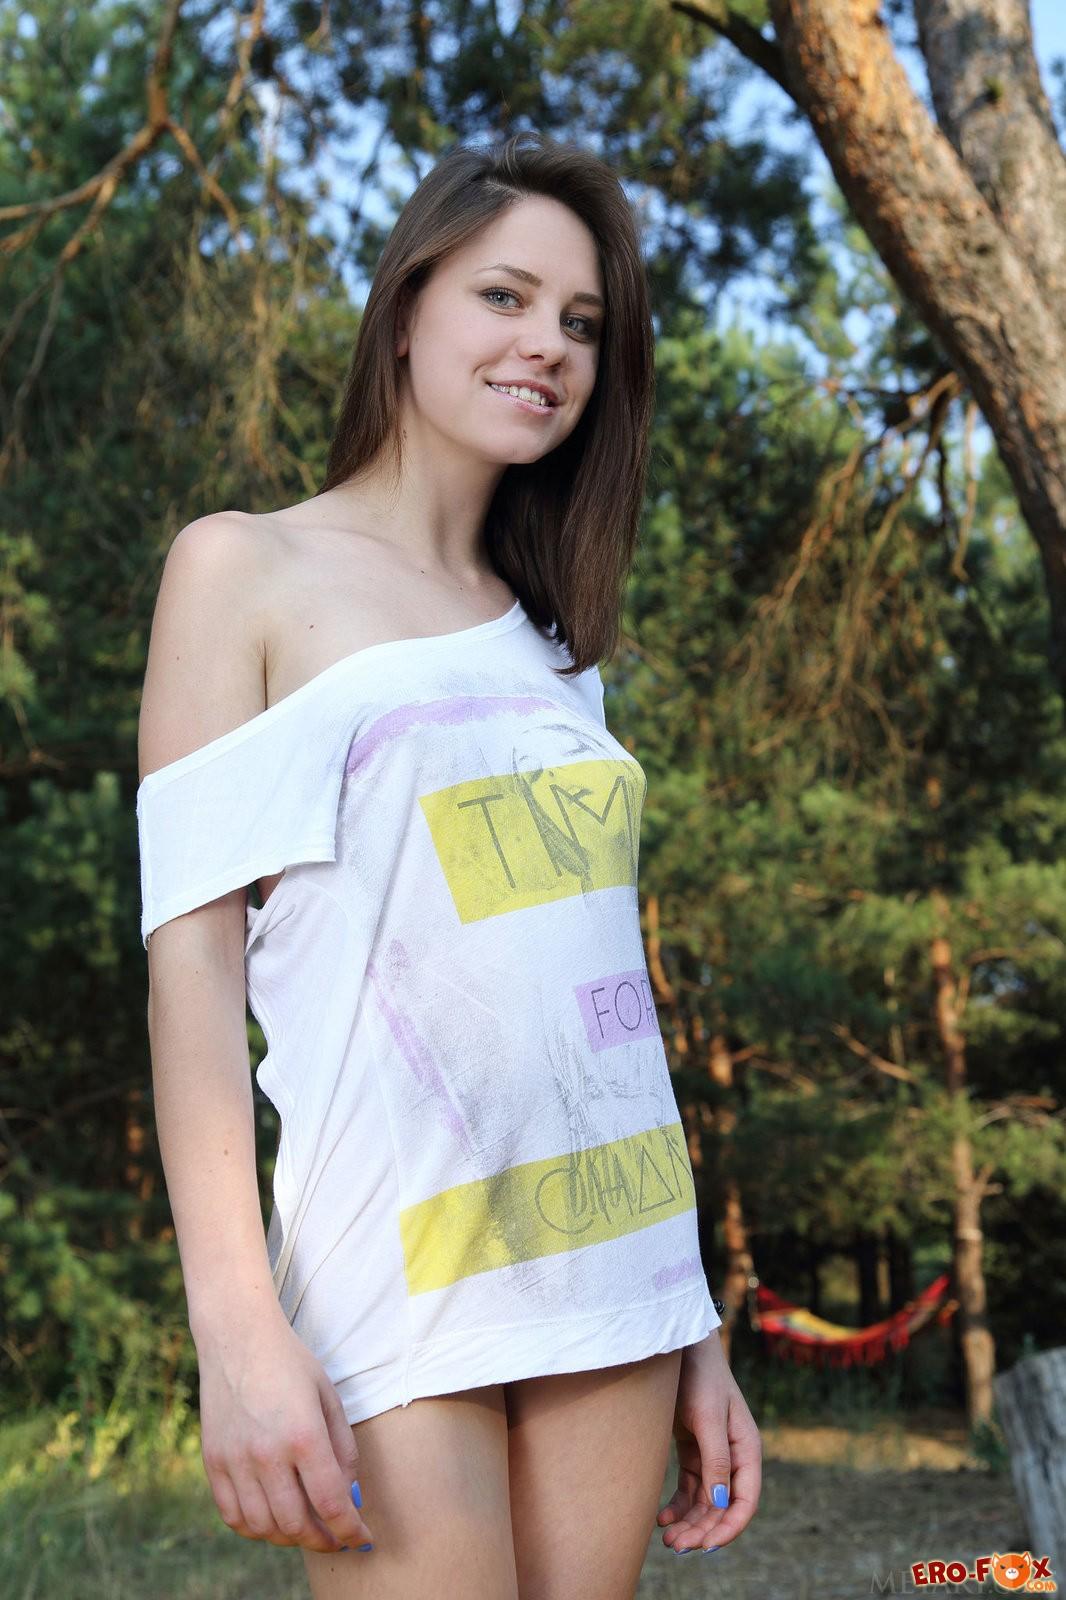 Молодая девушка голая позирует в лесу